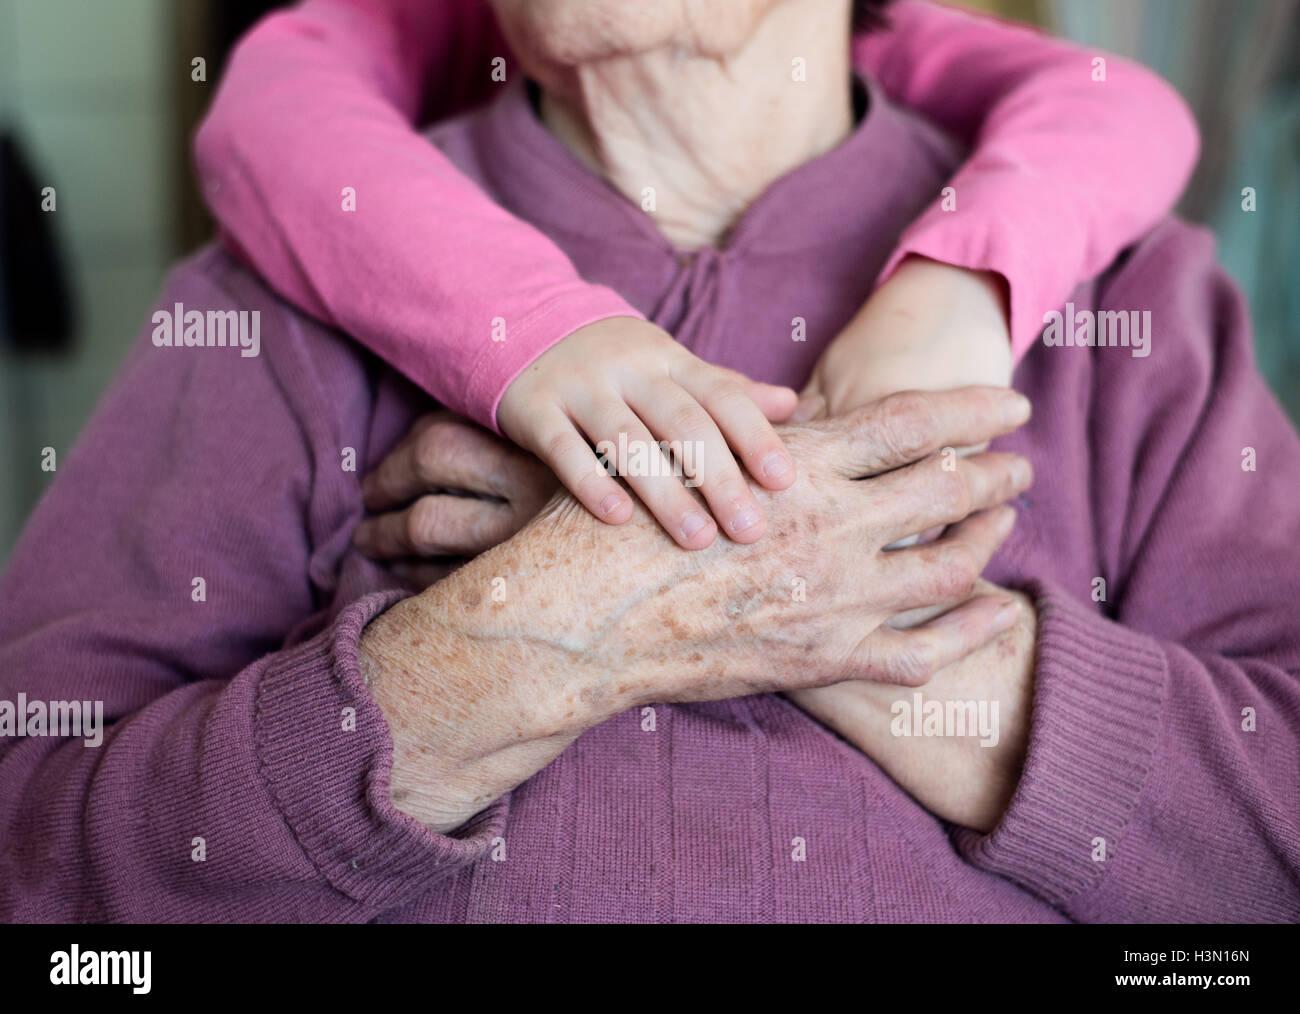 Petite-fille méconnaissable de sa grand-mère holding hands Banque D'Images